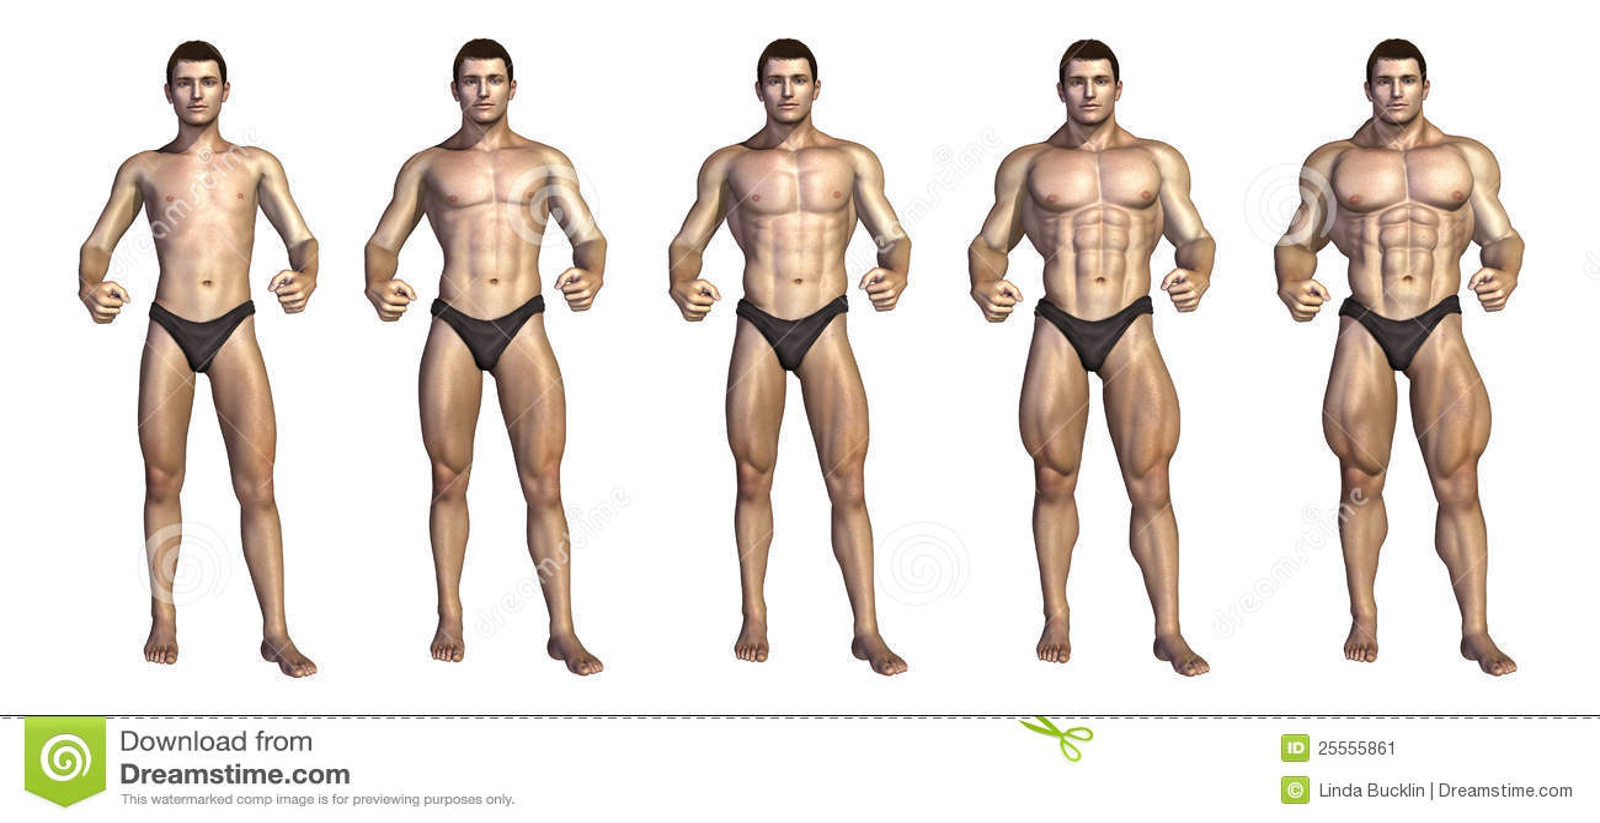 diete che aiutano a perdere grasso e guadagnare muscoli